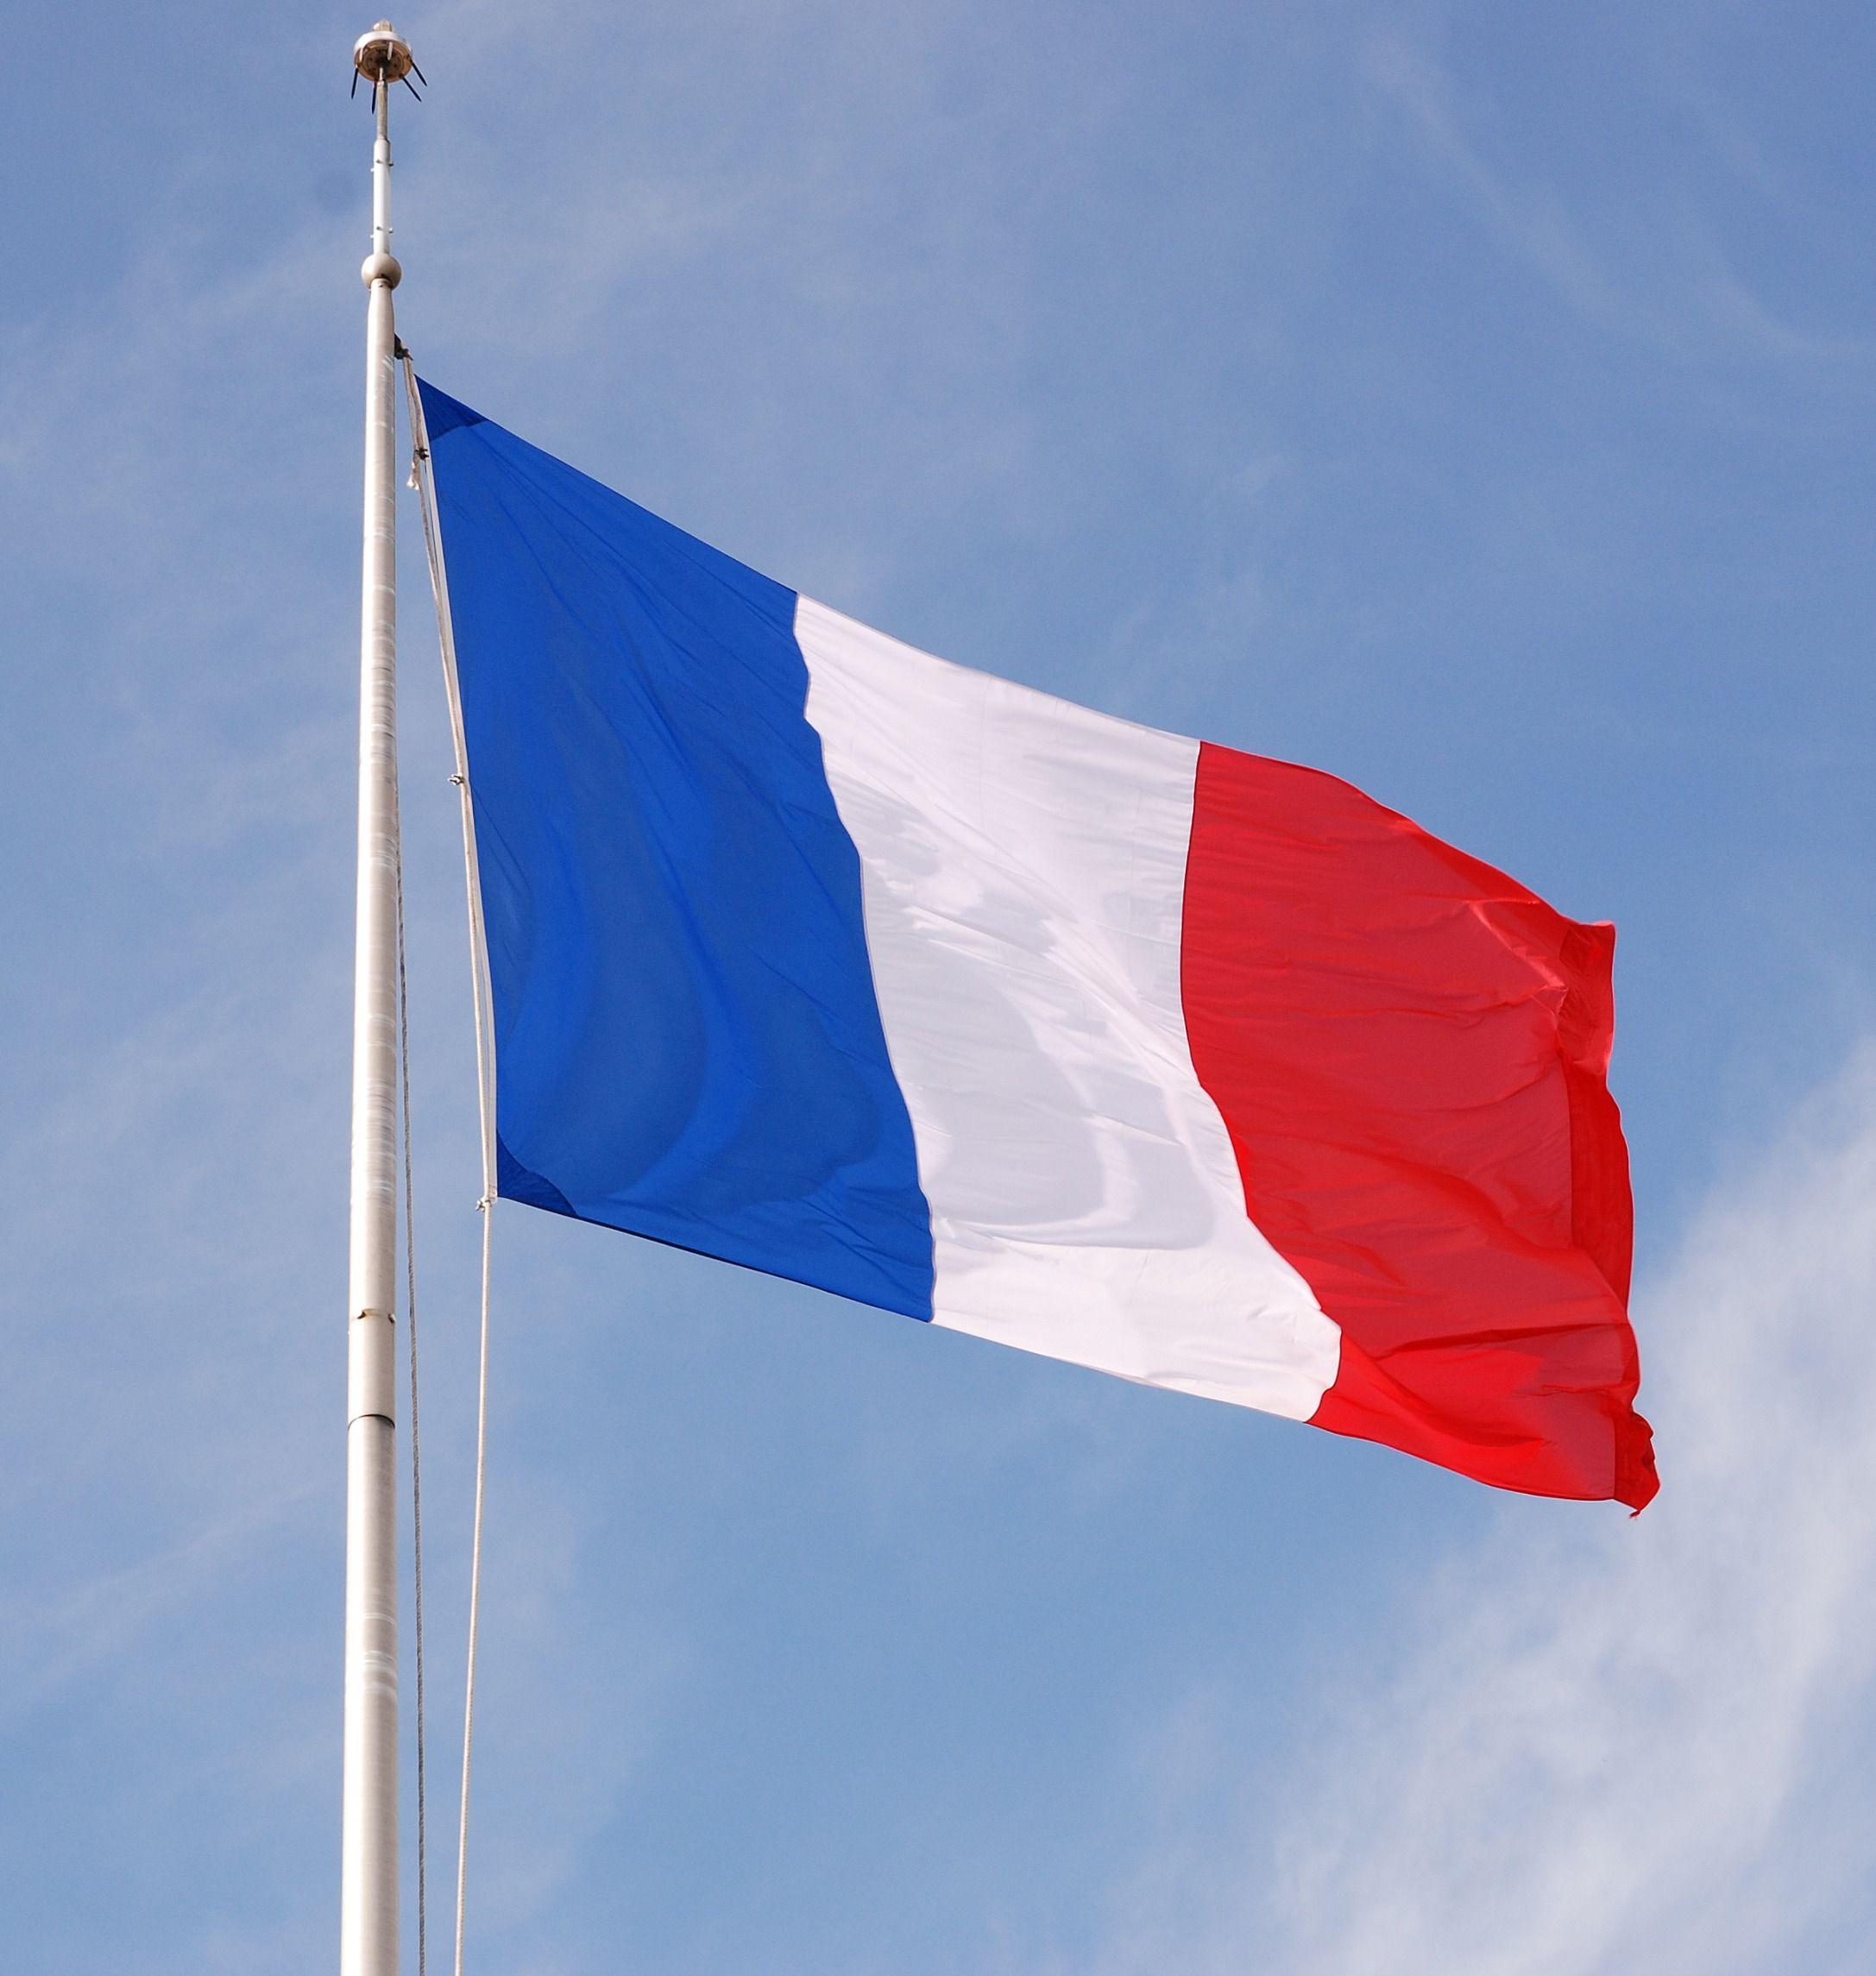 Franzosischer Flagge Jpg 2174 2290 Drapeau Francais Drapeau Drapeaux Des Pays Du Monde